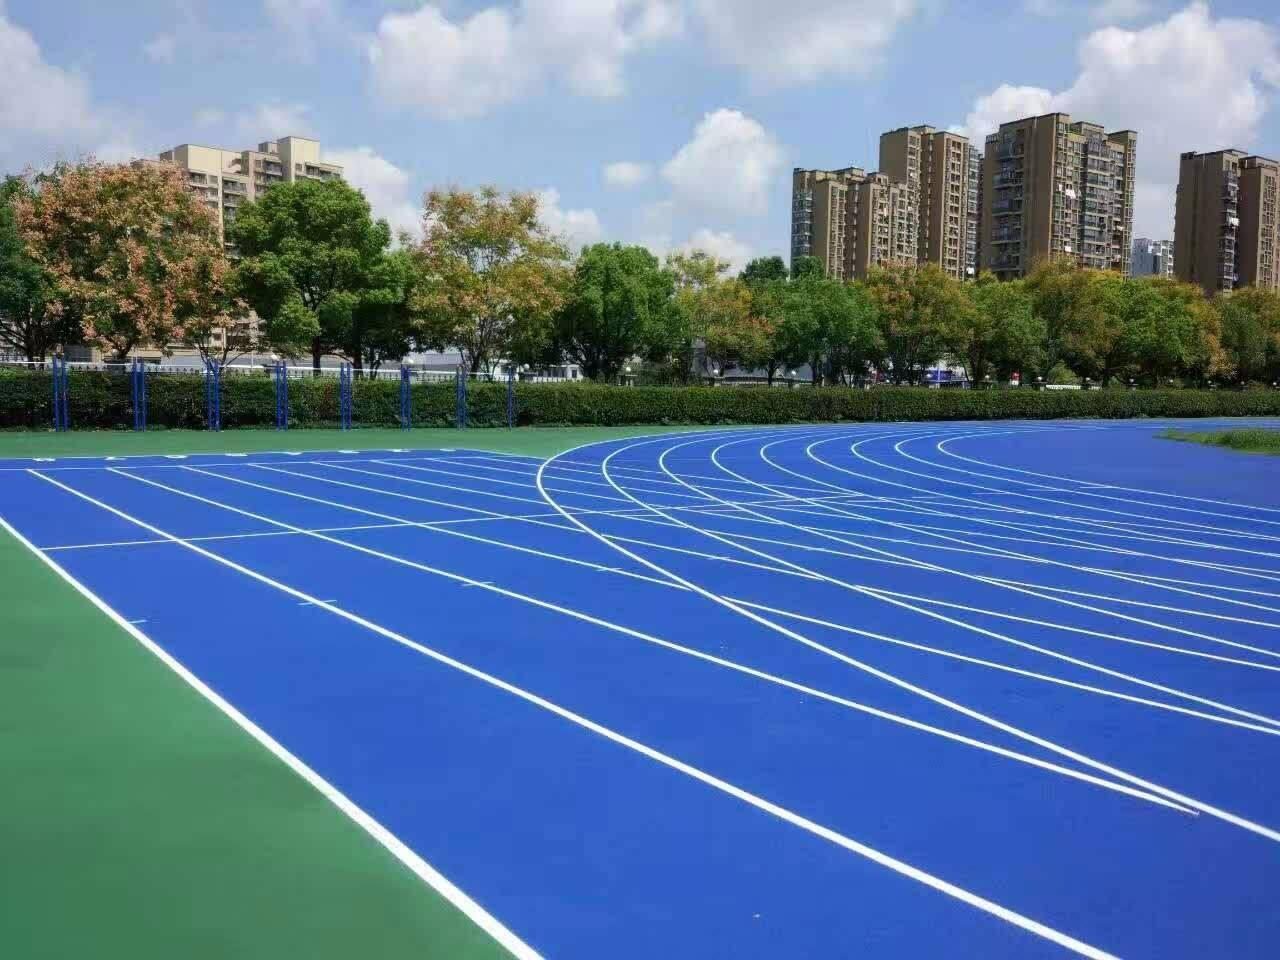 惠州PU塑胶跑道企业,广东具有口碑的跑道施工铺设设计企业